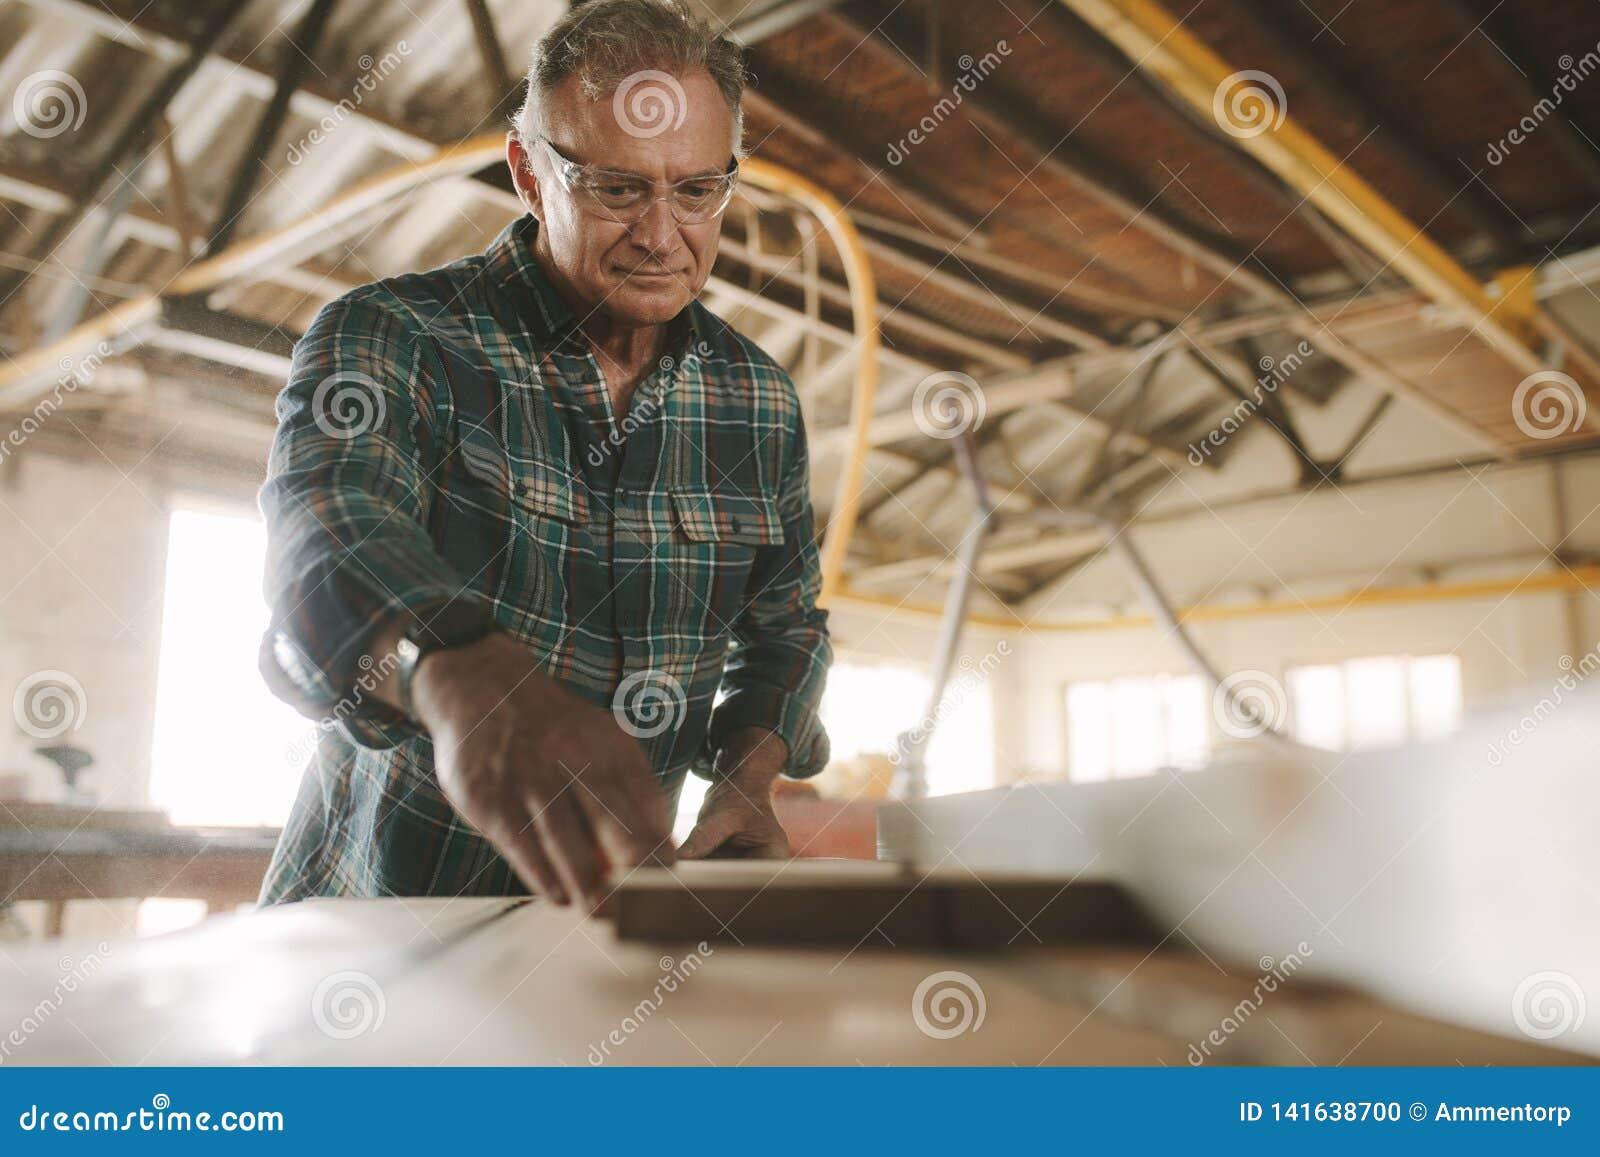 Τέμνουσες ξύλινες σανίδες ξυλουργών στο ηλεκτρικό πριόνι